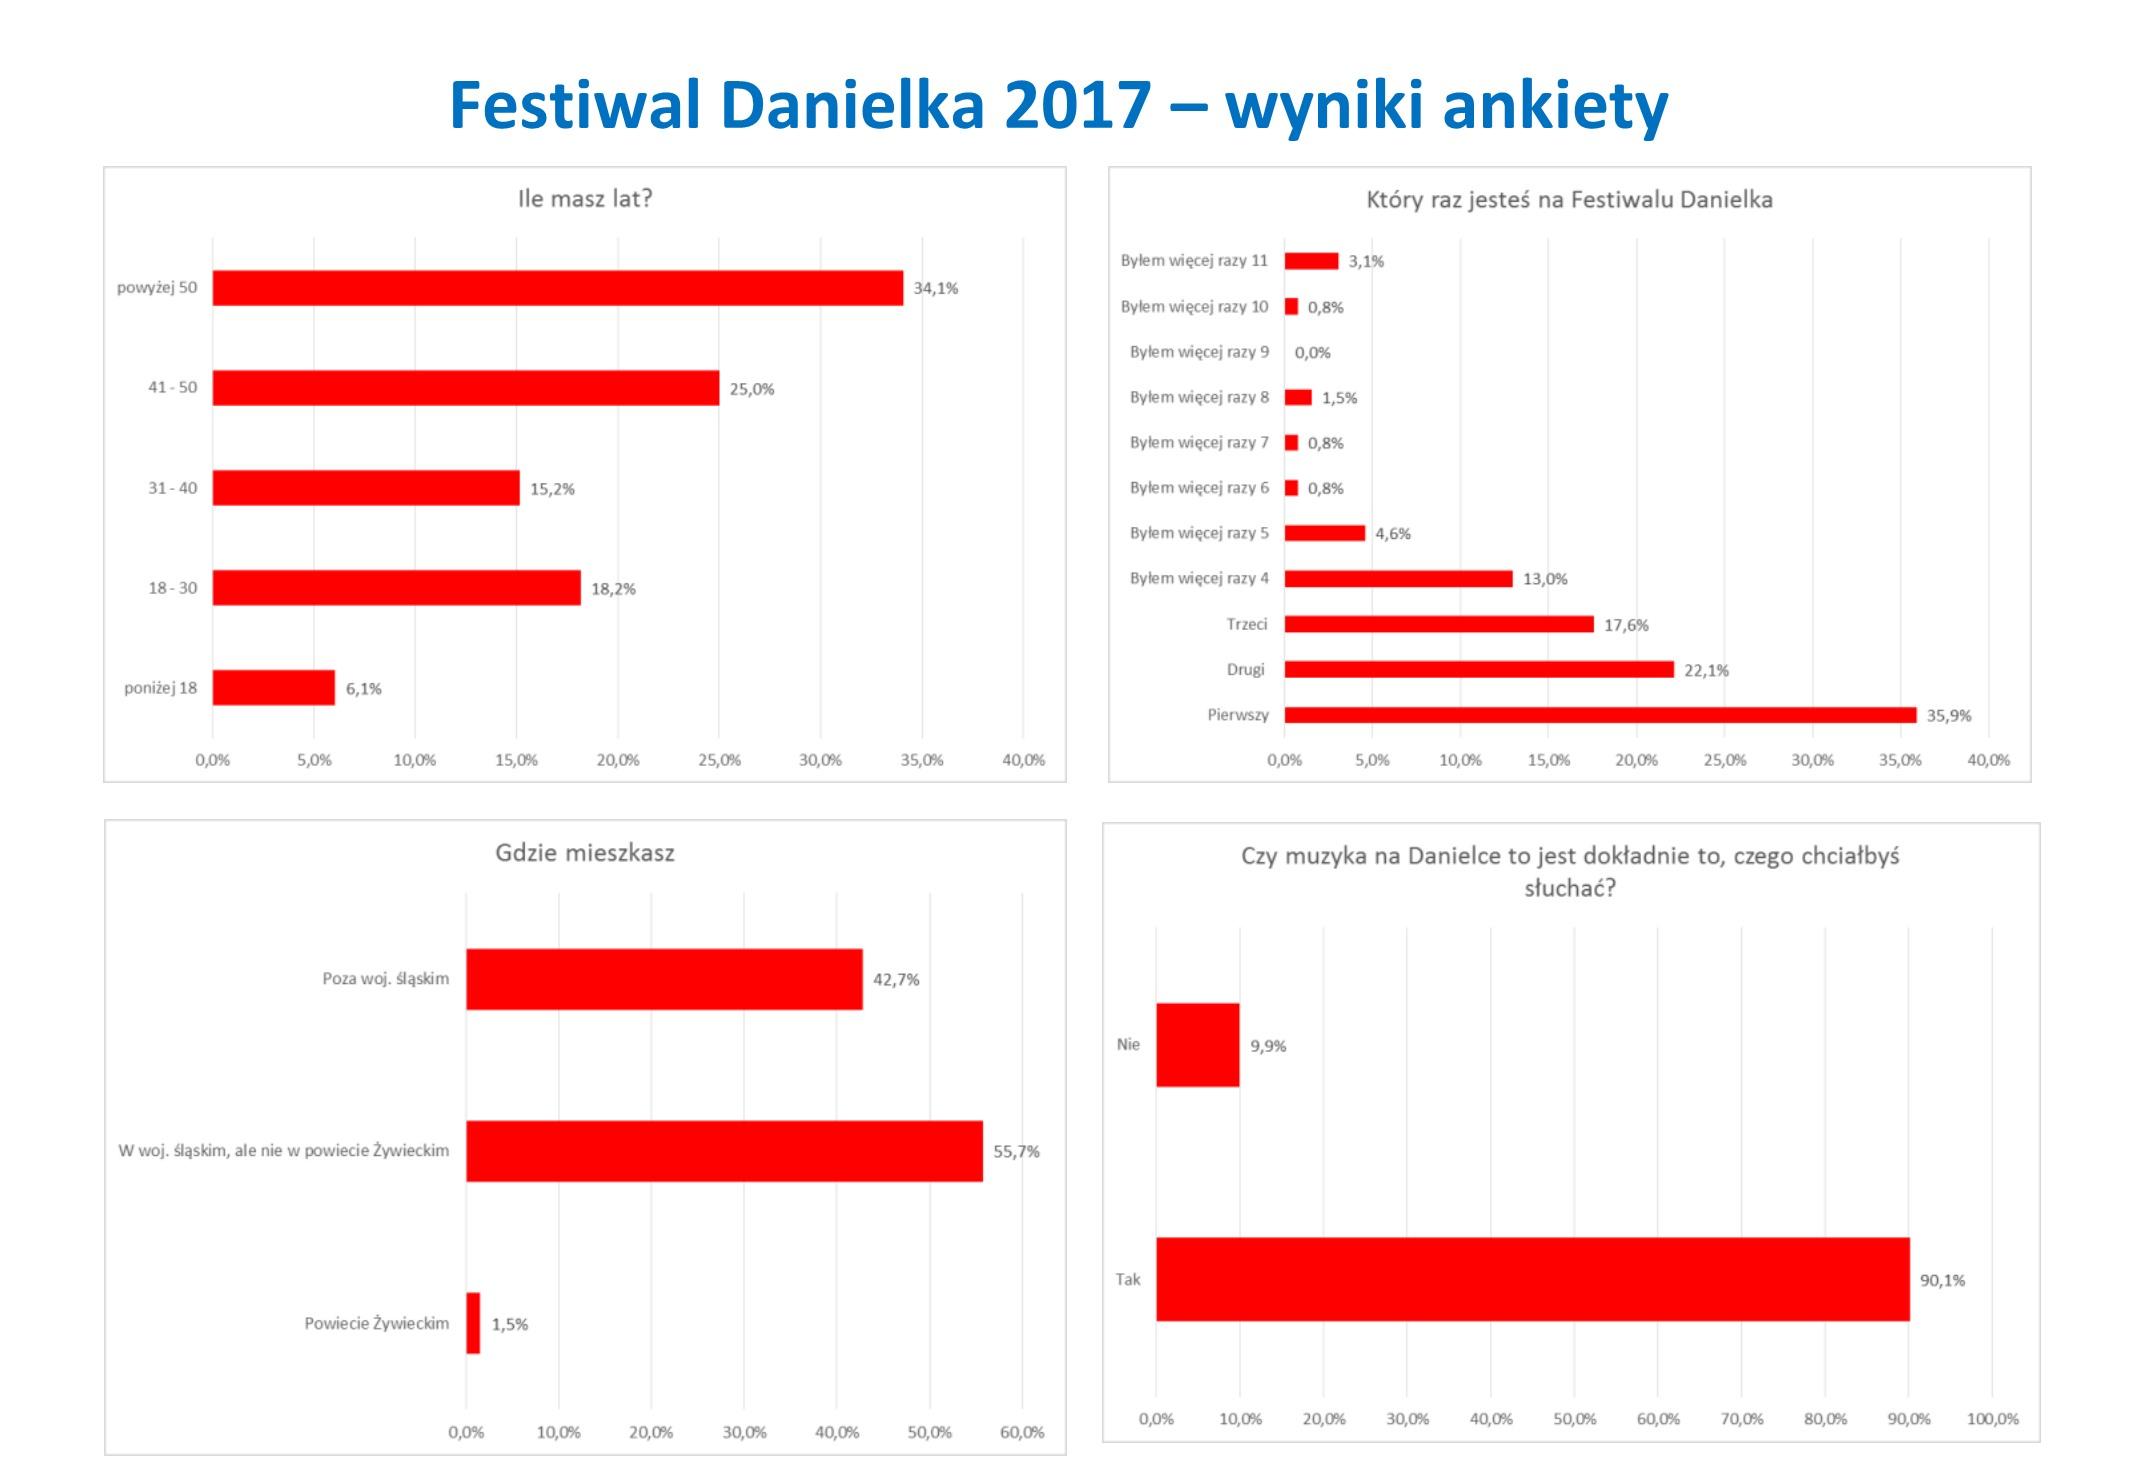 Festiwal Danielka 2017 – ankieta